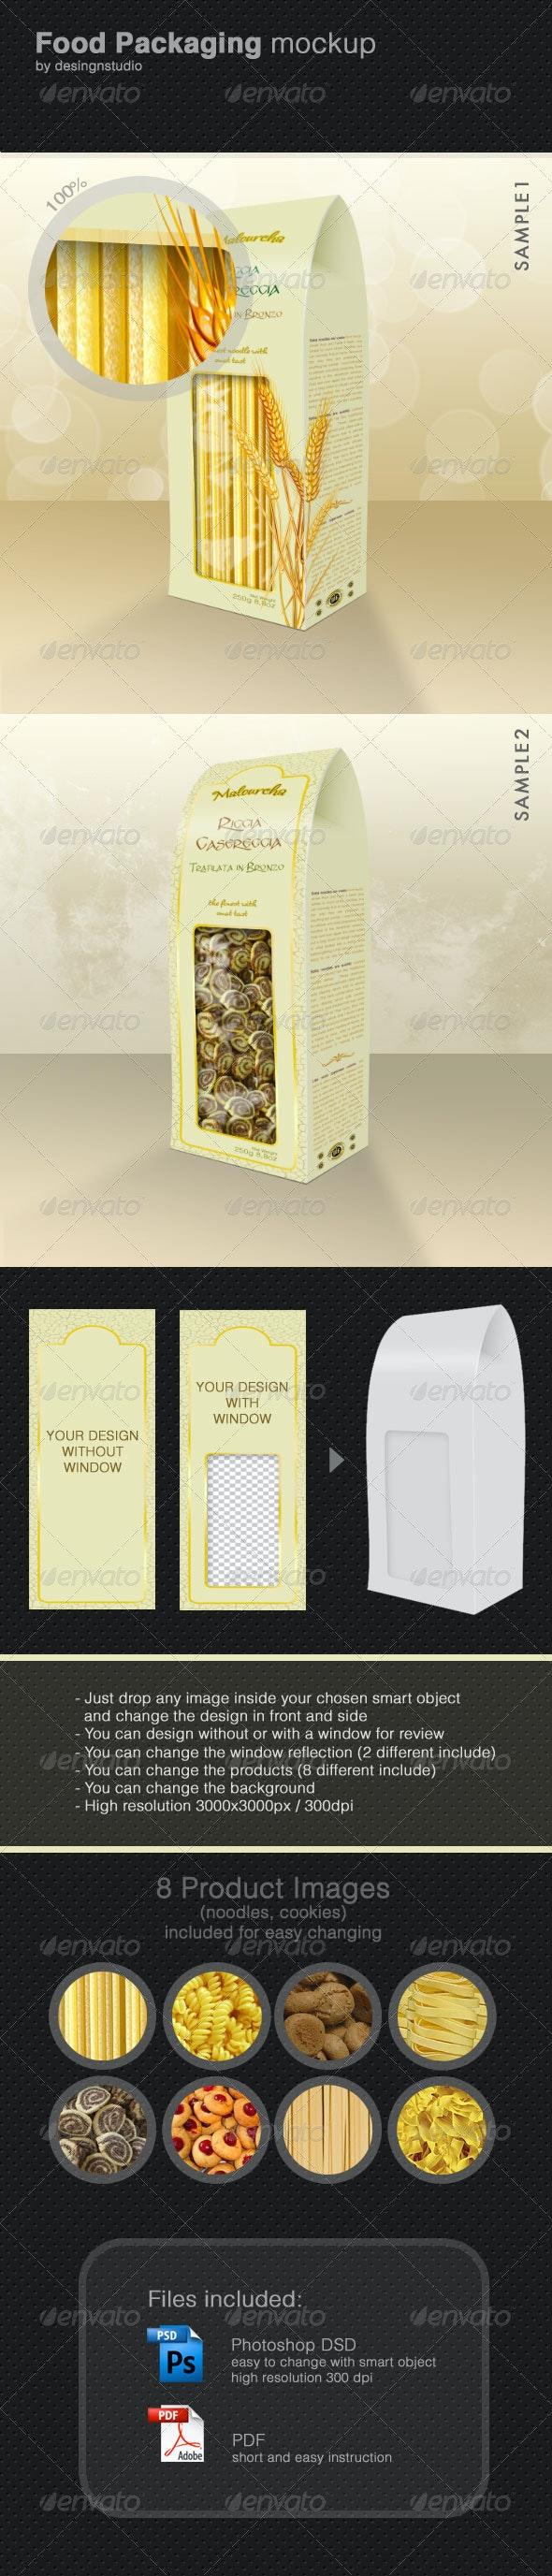 Food Packaging Mock-Up - Food and Drink Packaging